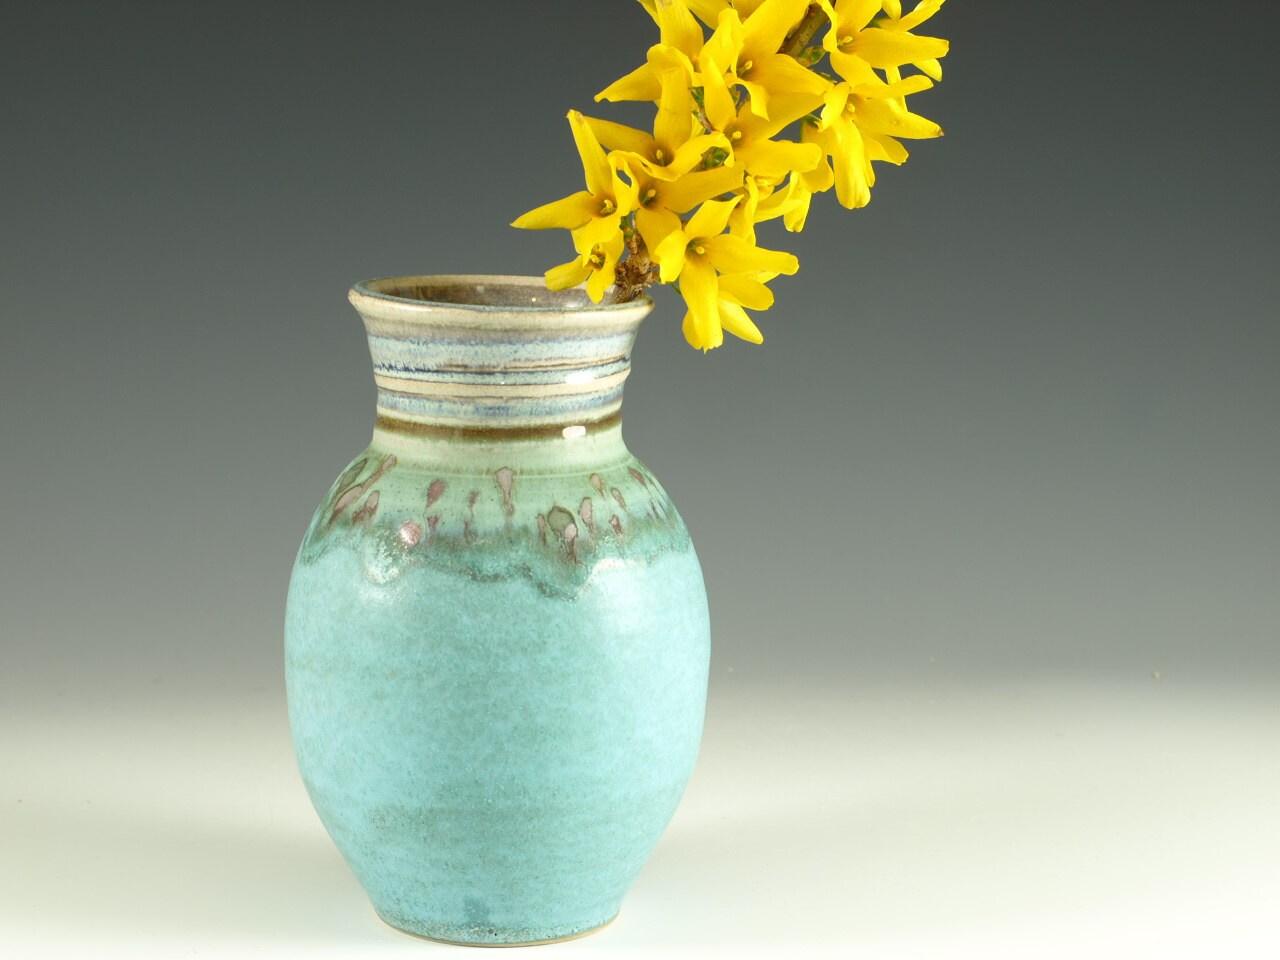 Bud Flower Vase - handmade pottery